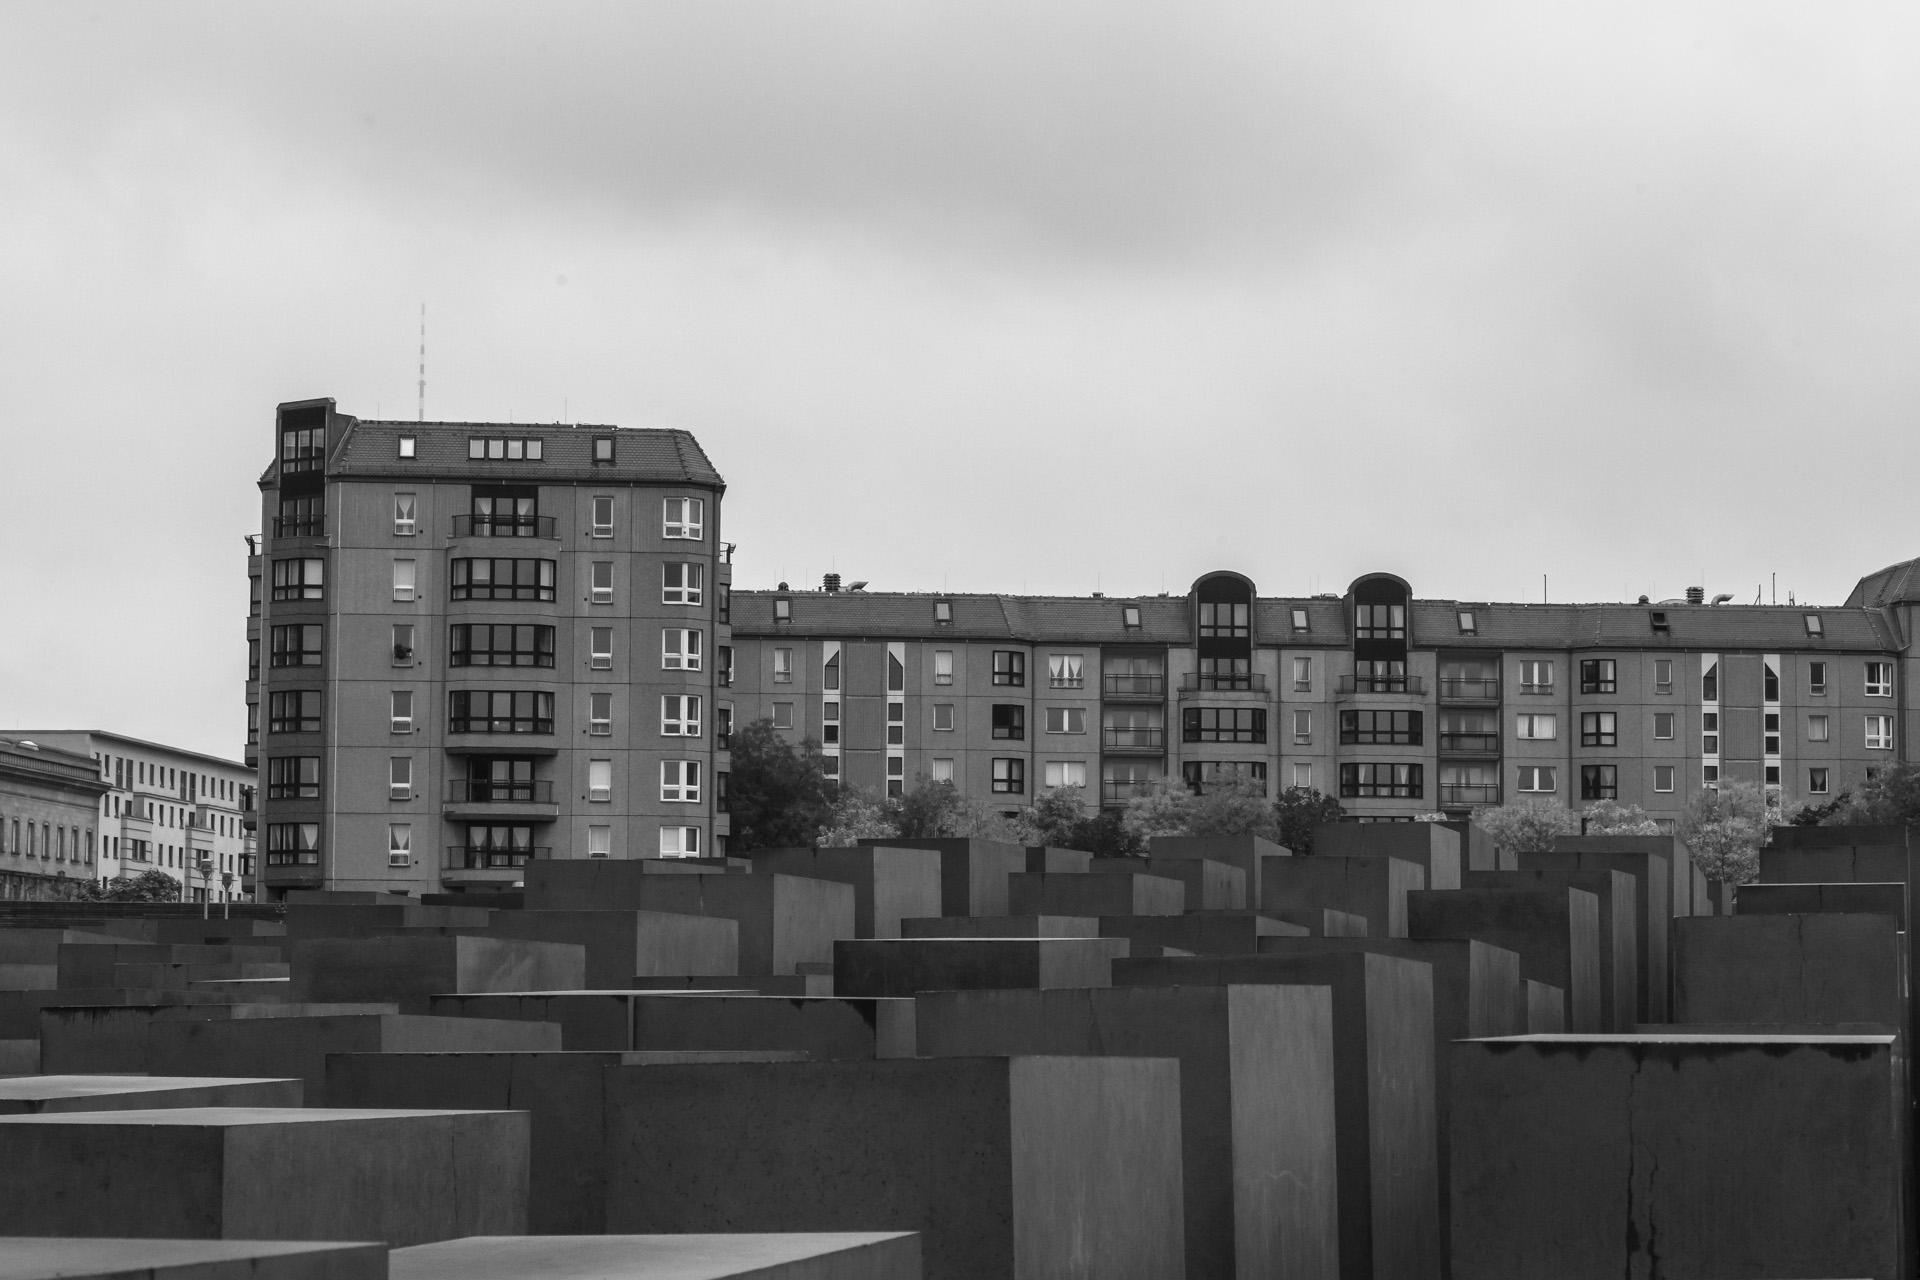 Berlin, fotostudio mieten die Besten in, berlin